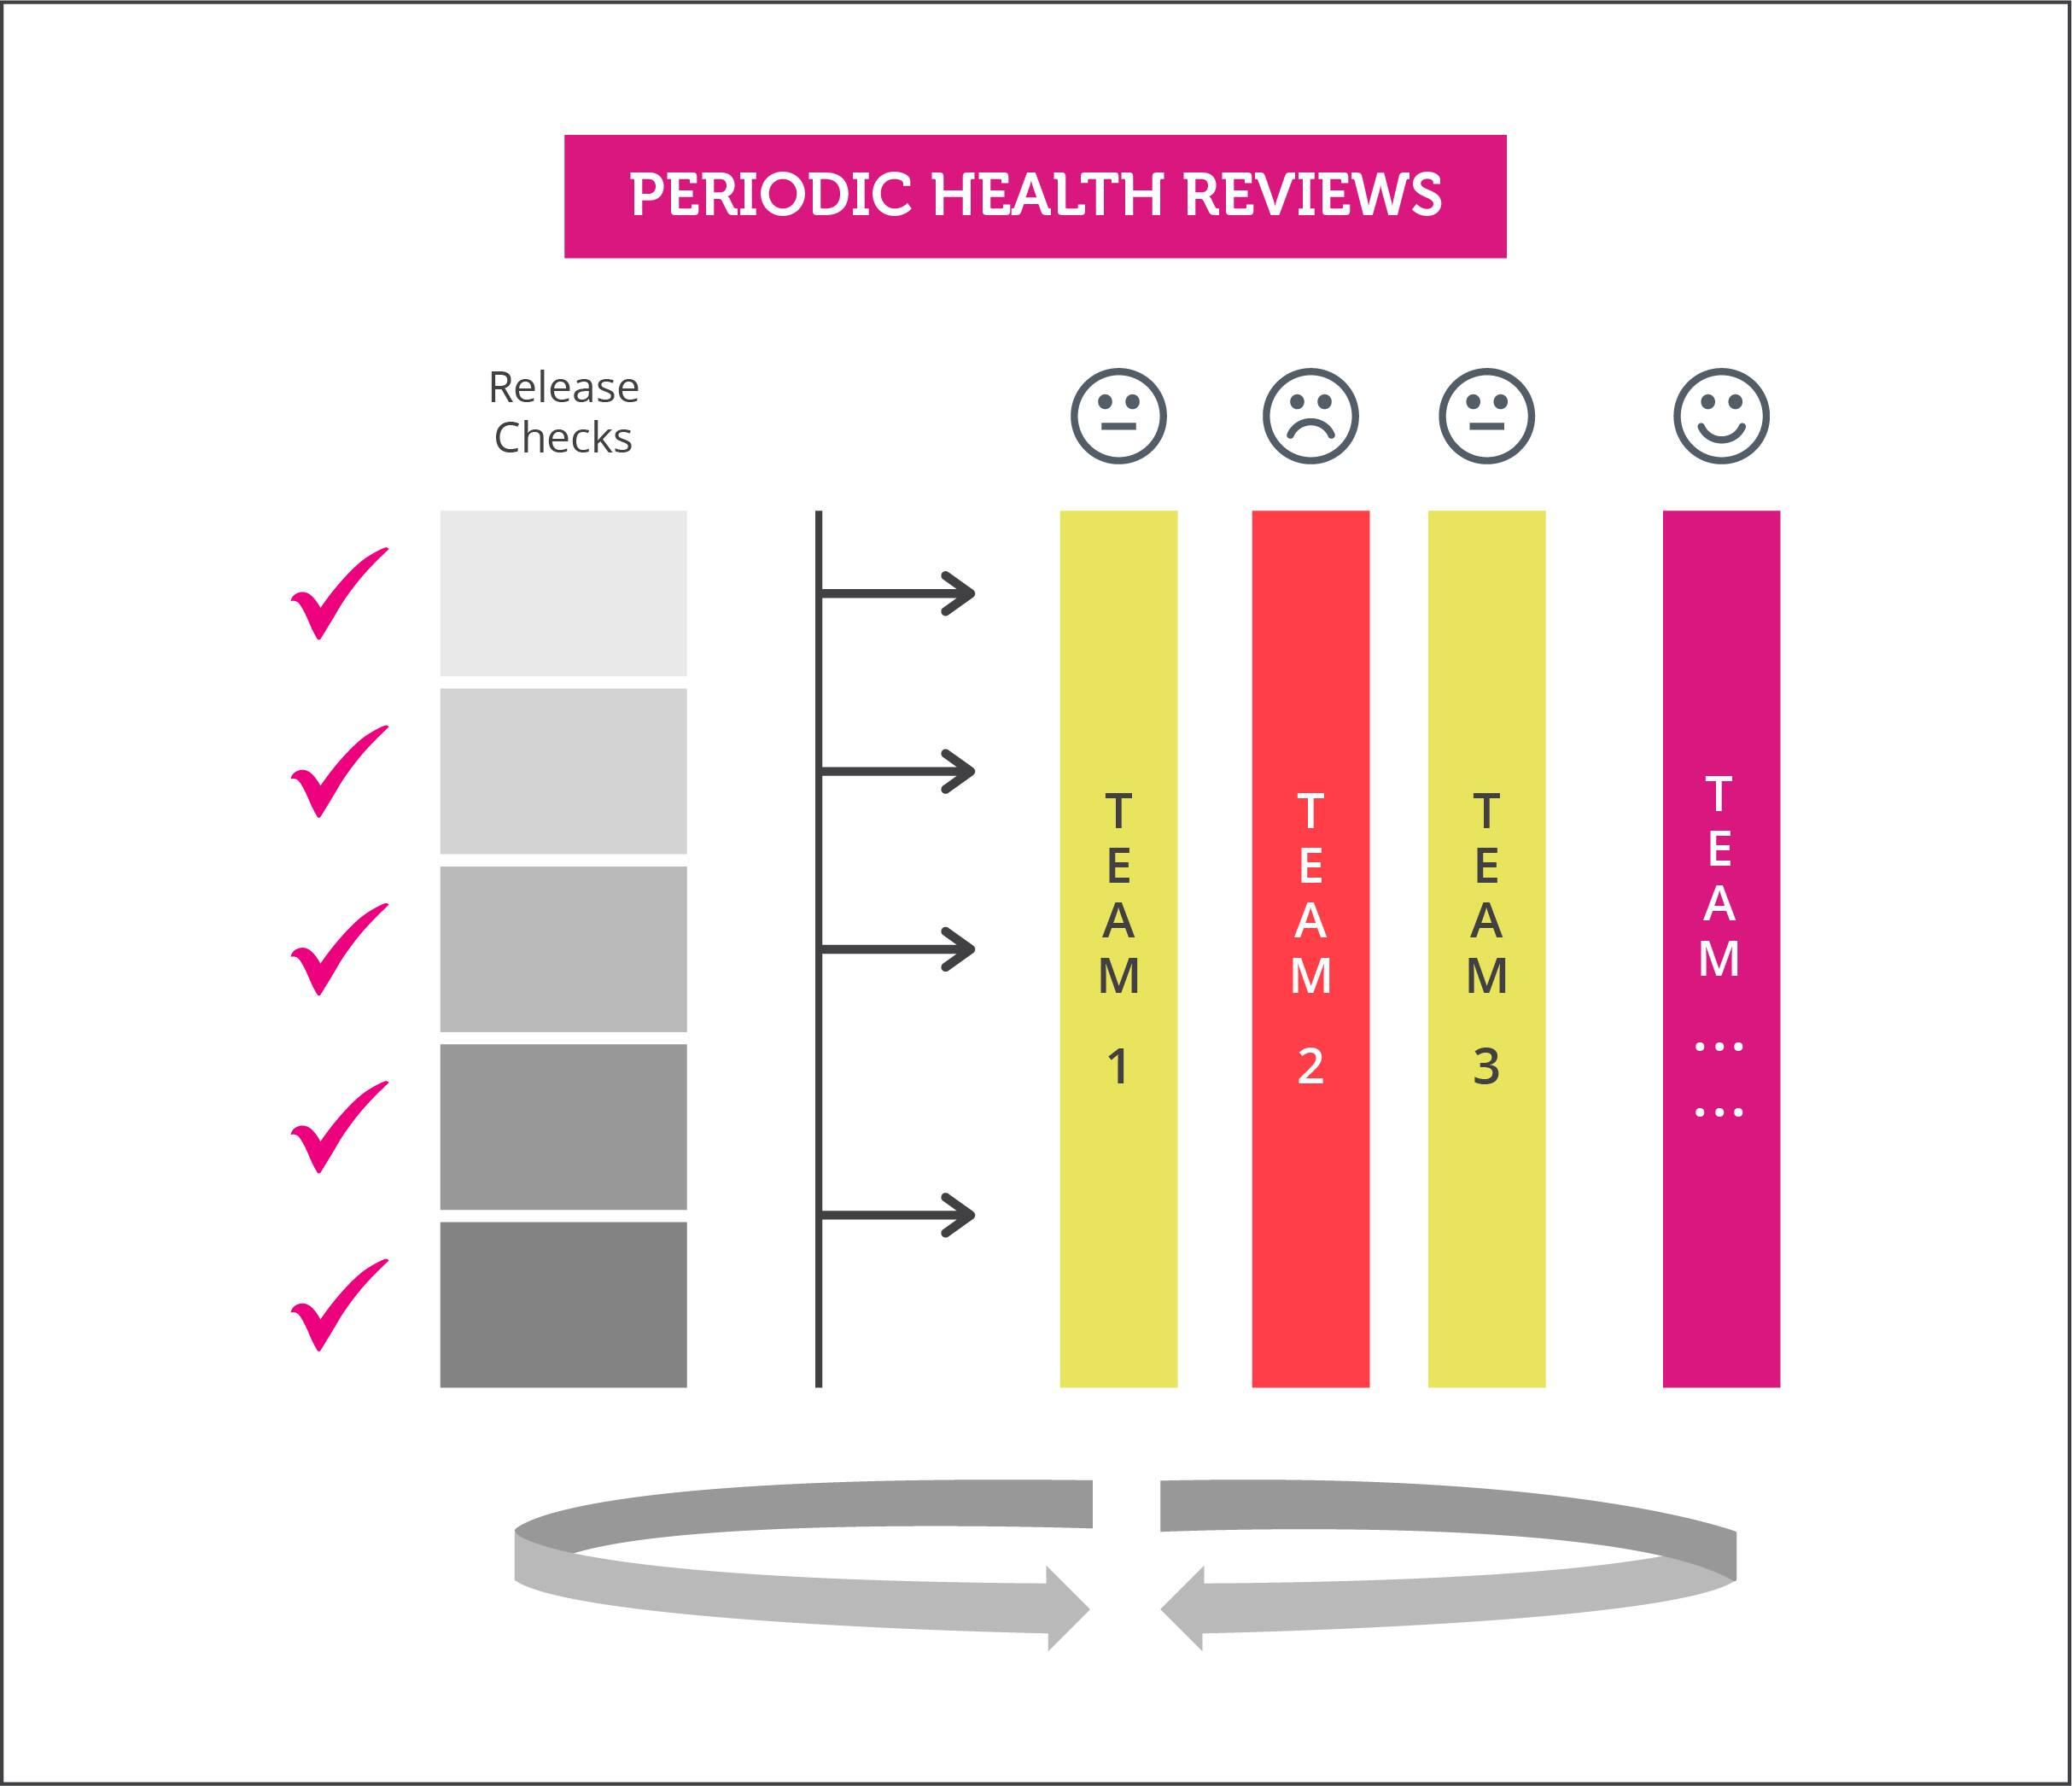 Periodic-Health-Checks